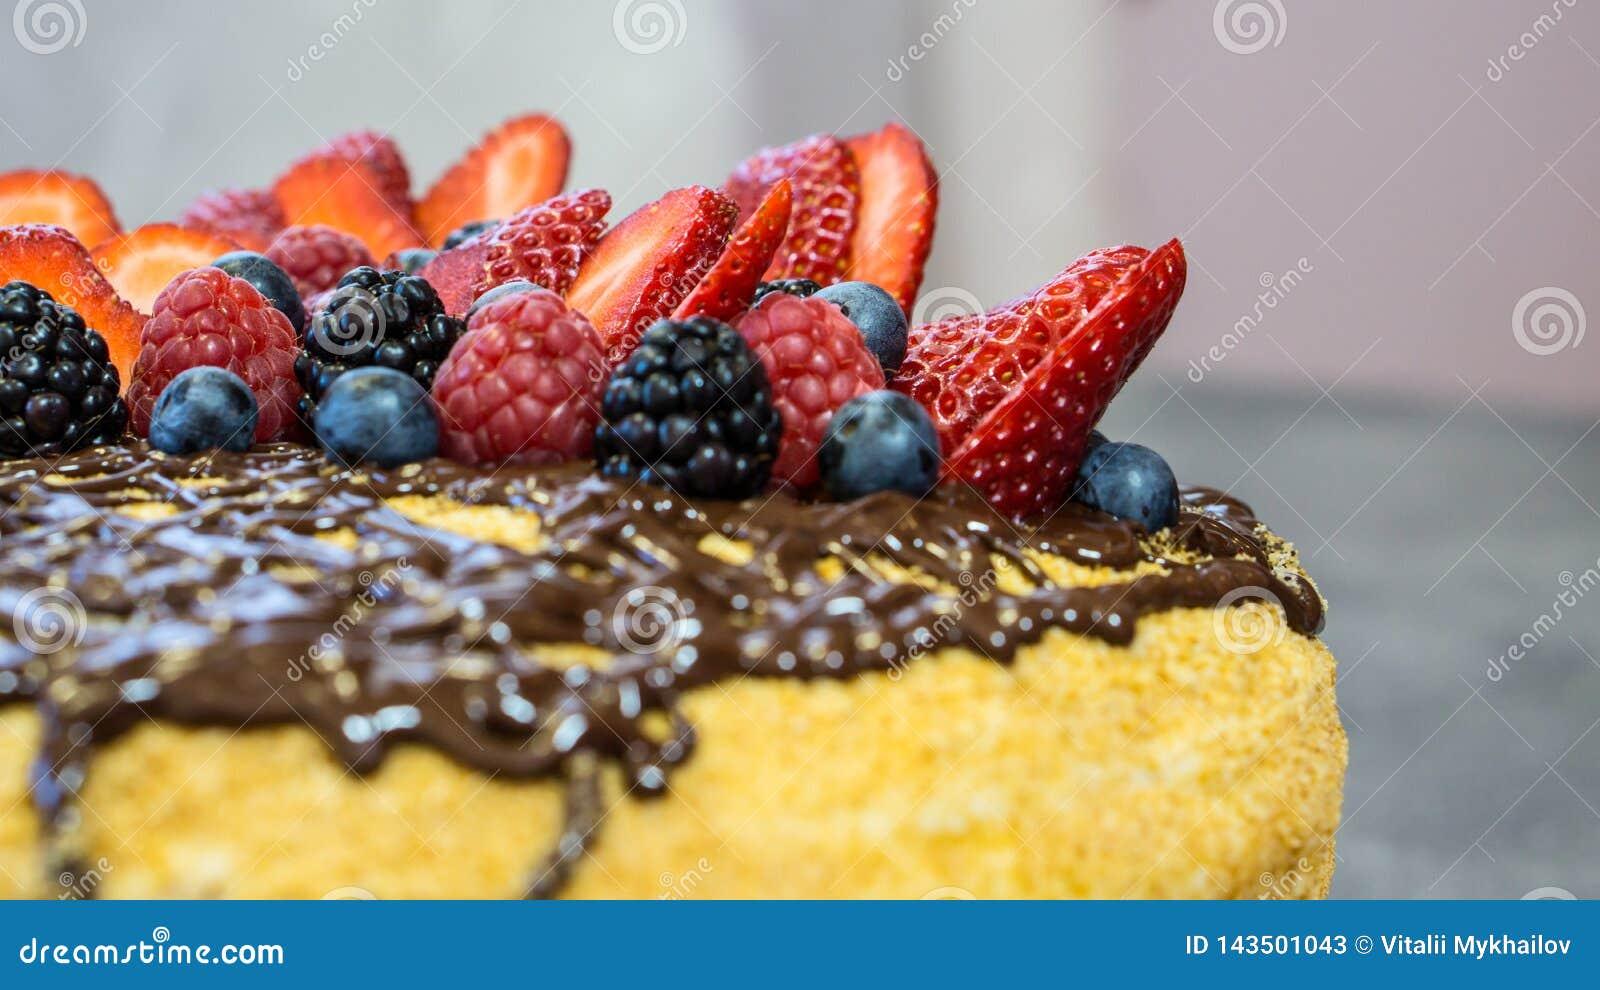 Κέικ καπέλων, σοκολάτα στις τοπ, juicy φράουλες, τα σμέουρα και τα μούρα, πλάγια όψη